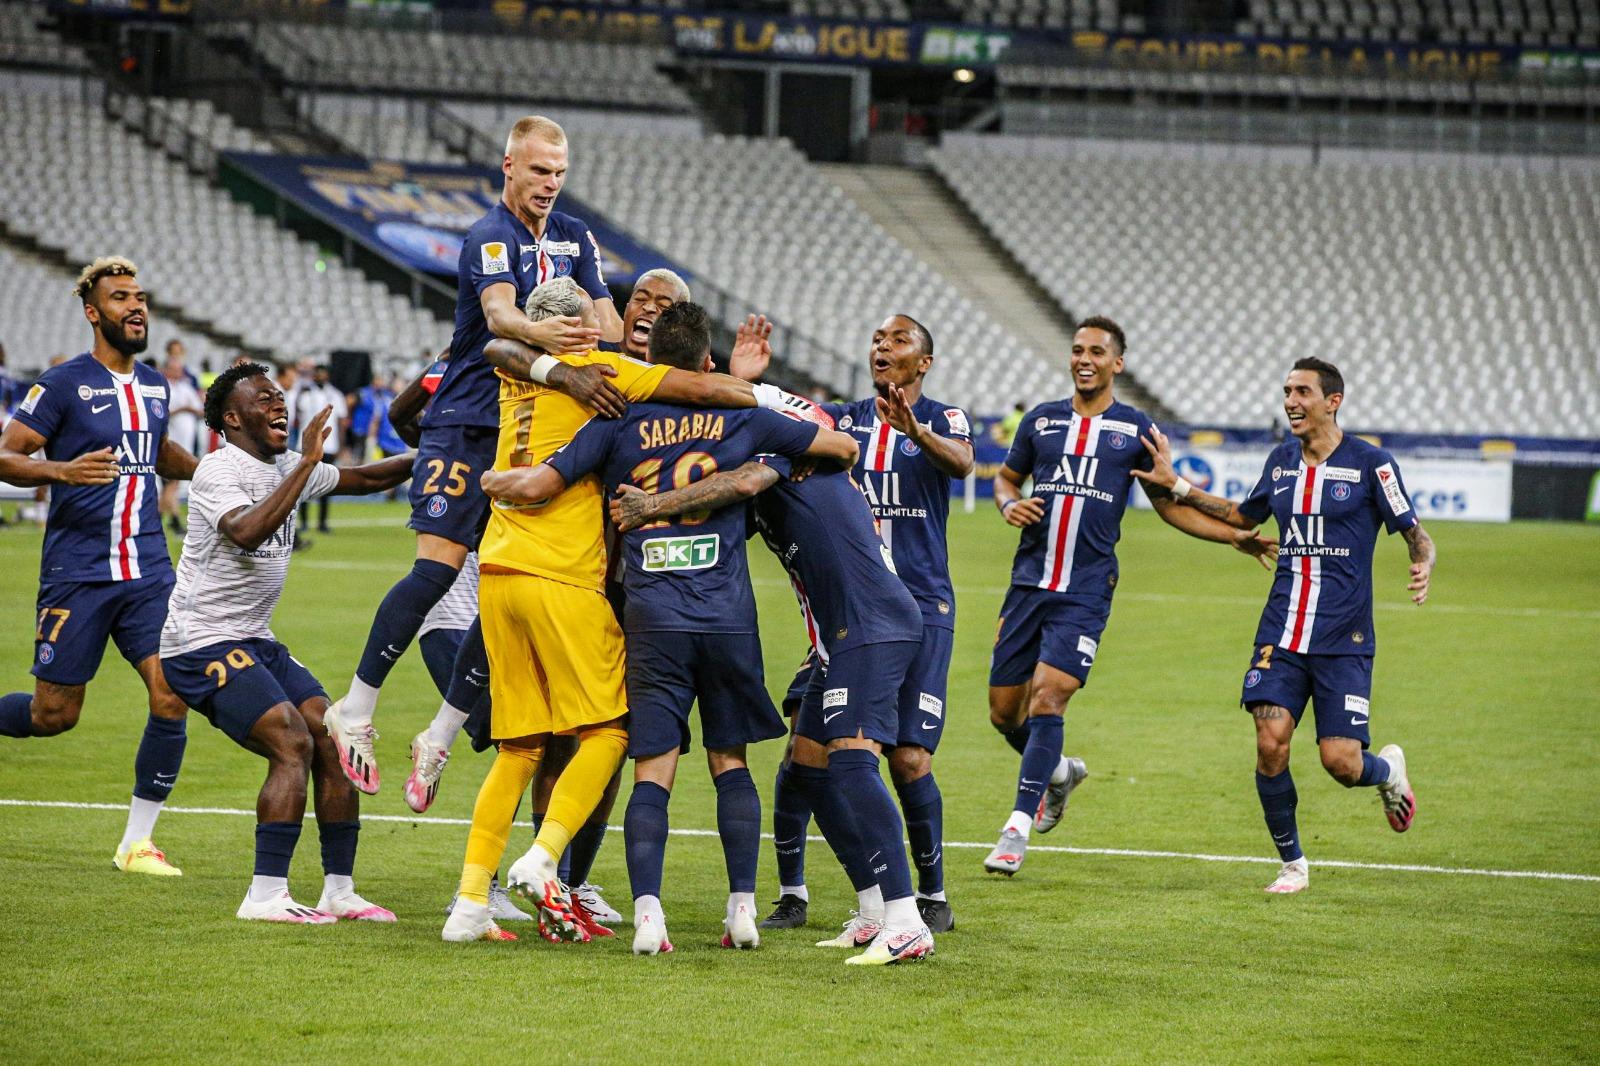 รวมบรรยากาศหลังเปแอสเชคว้าแชมป์  Coupe de la ligue